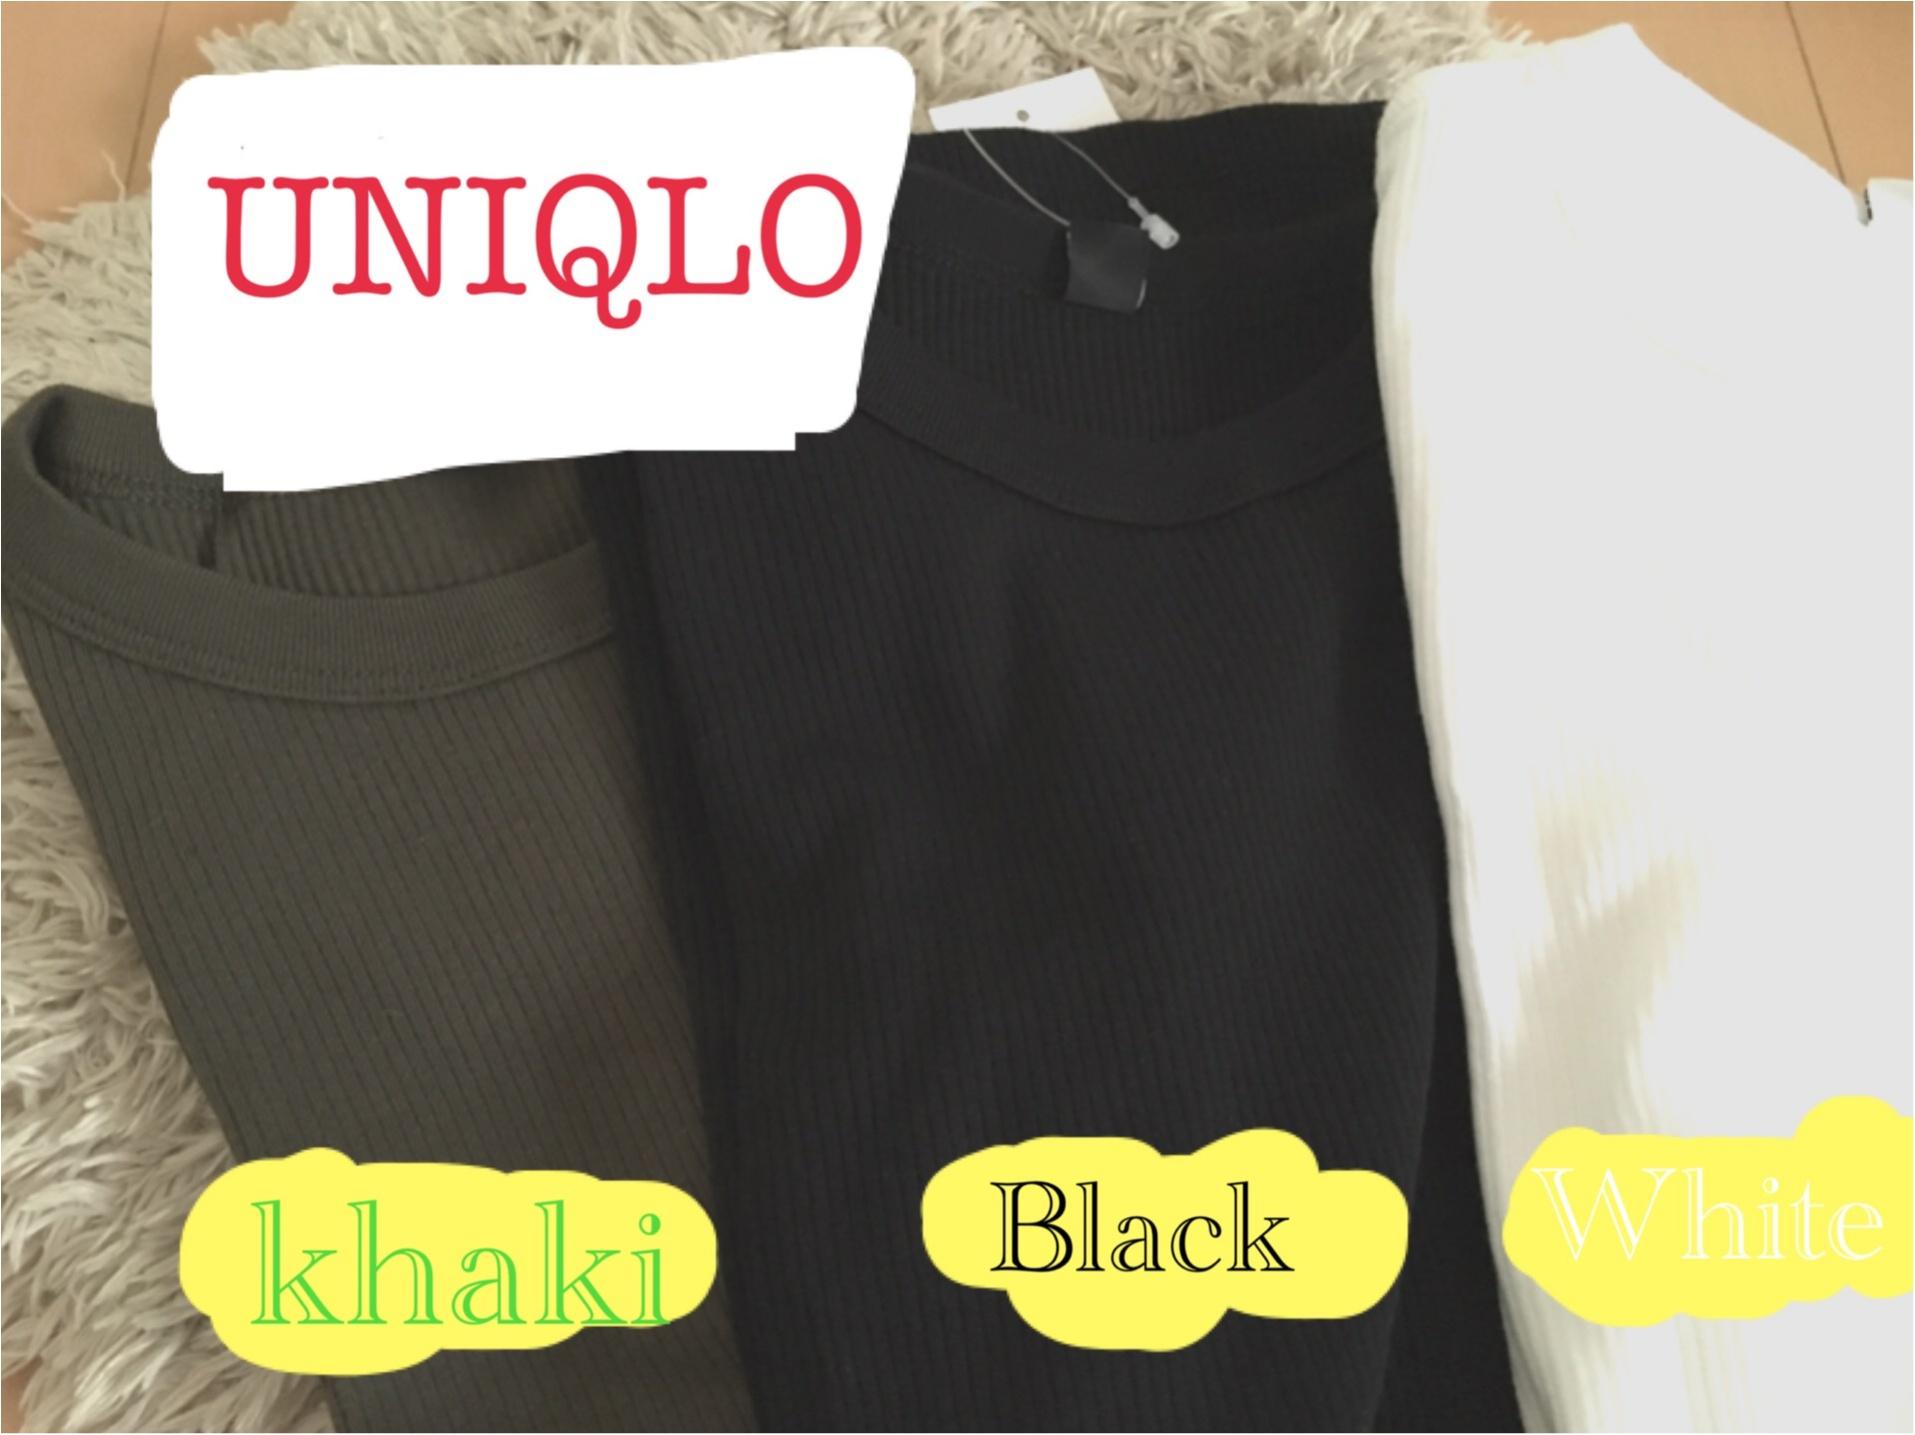 ★UNIQLO 1000円リブTシャツでシンプルコーディネート☺︎_1